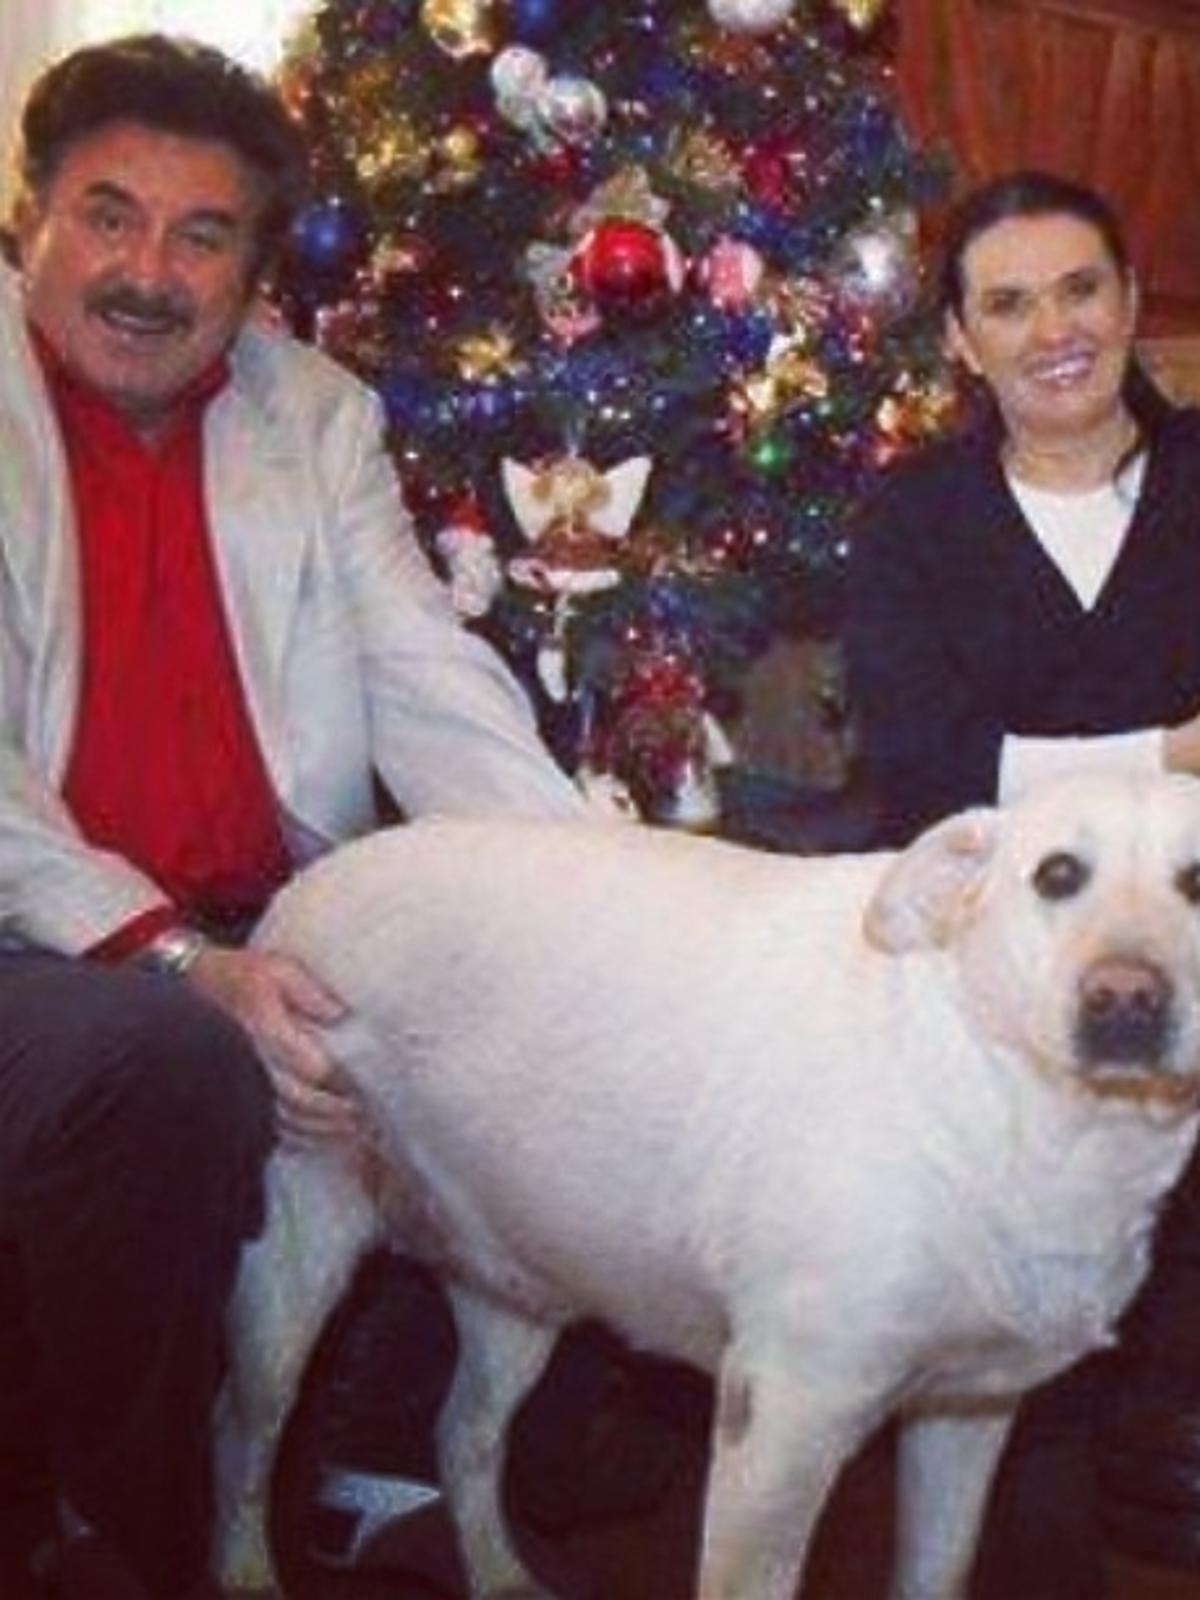 Tak święta Bożego Narodzenia spędzają Krzysztof Krawczyk z żoną